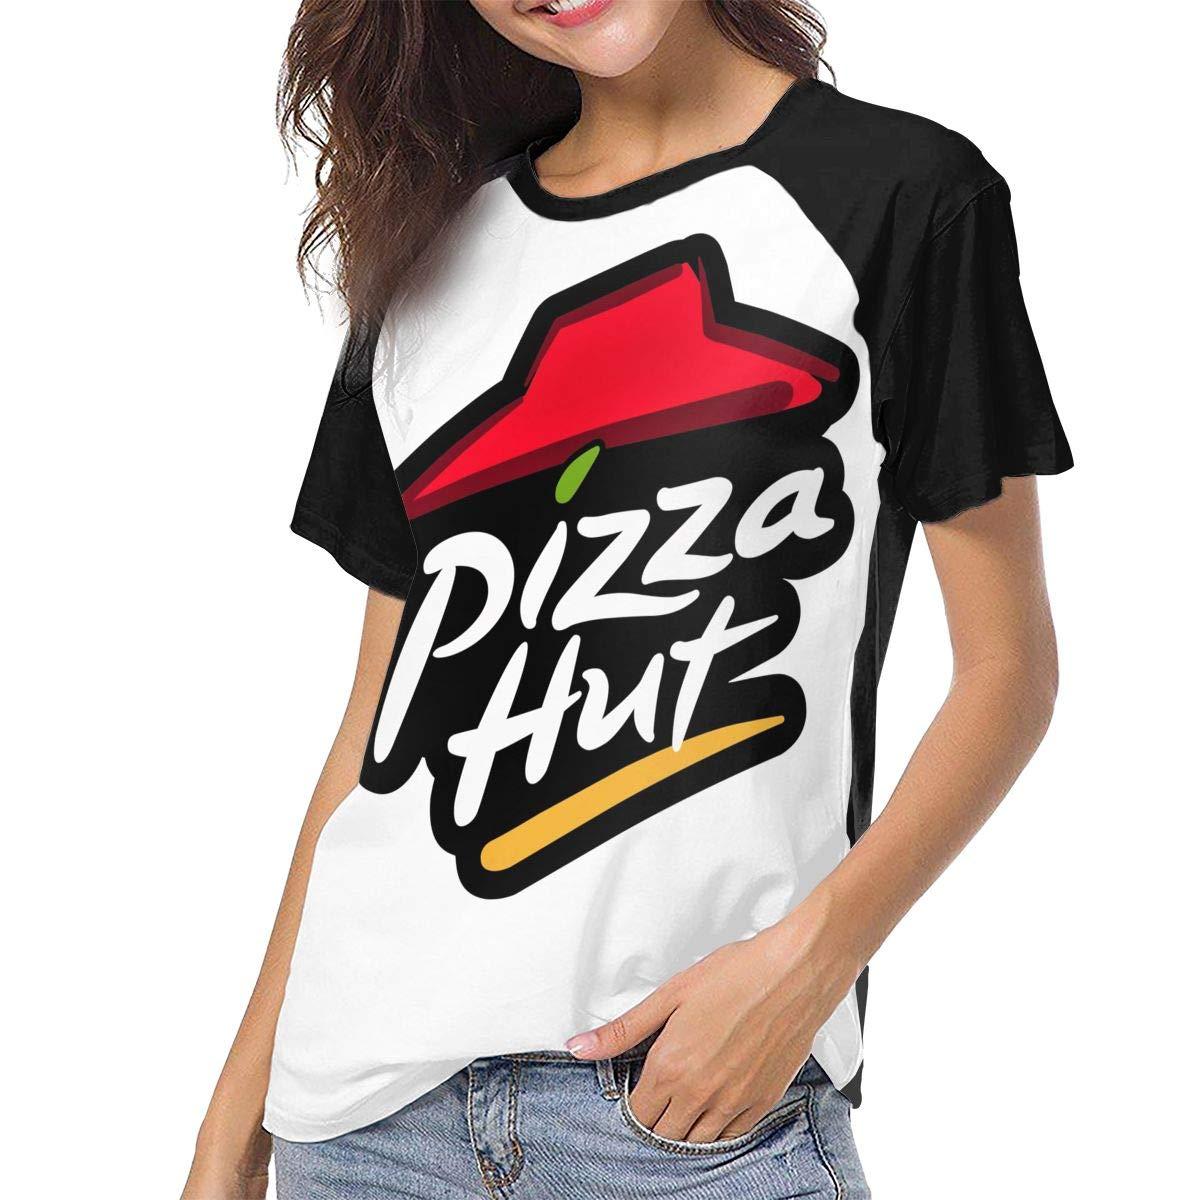 Women's Pizza Hut Logo Basic Shirts Summer T Shirt Short Sleeve T-Shirt Round Neck Cotton Sport Tops Black 29